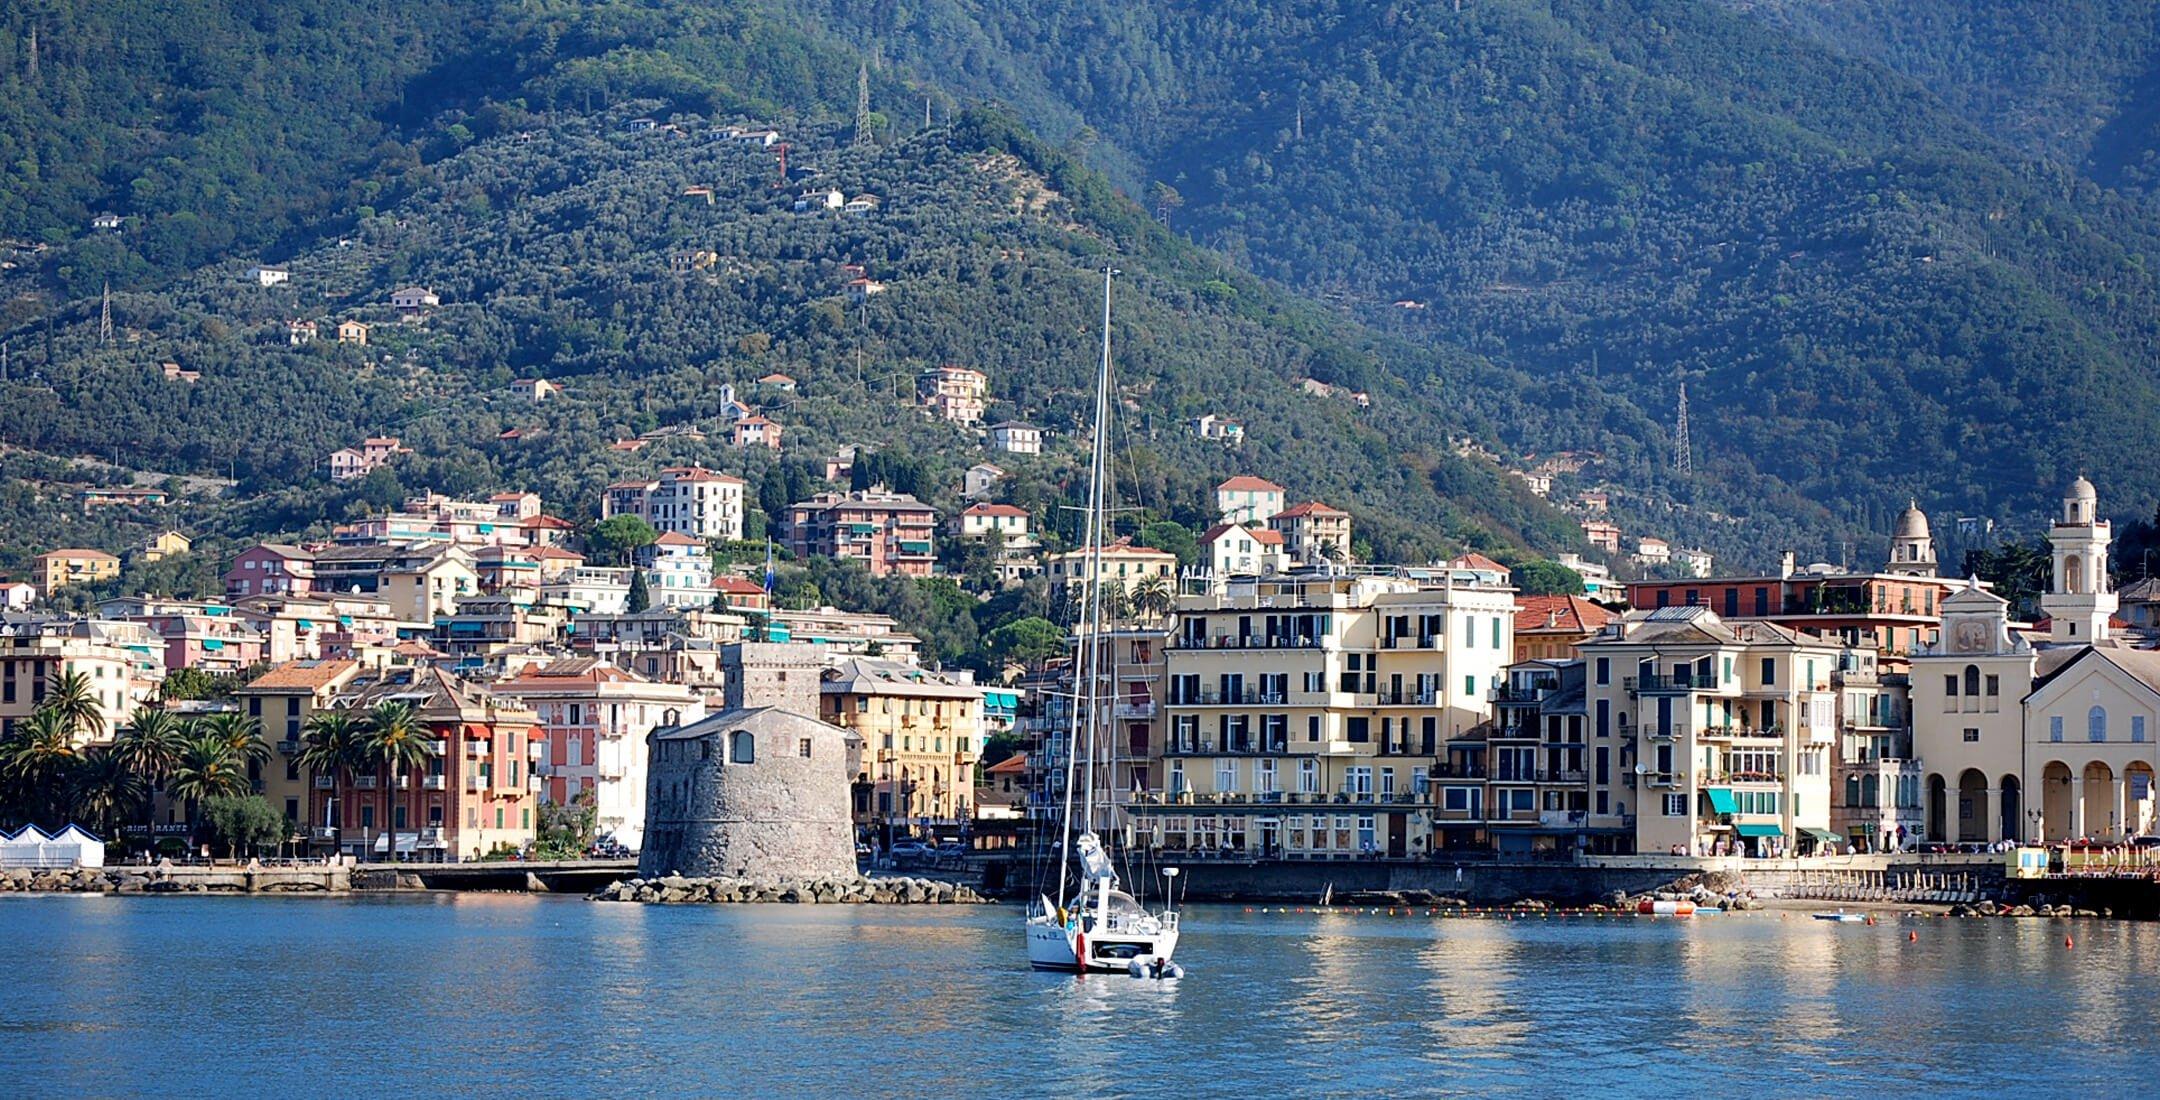 Lungomare di Rapallo